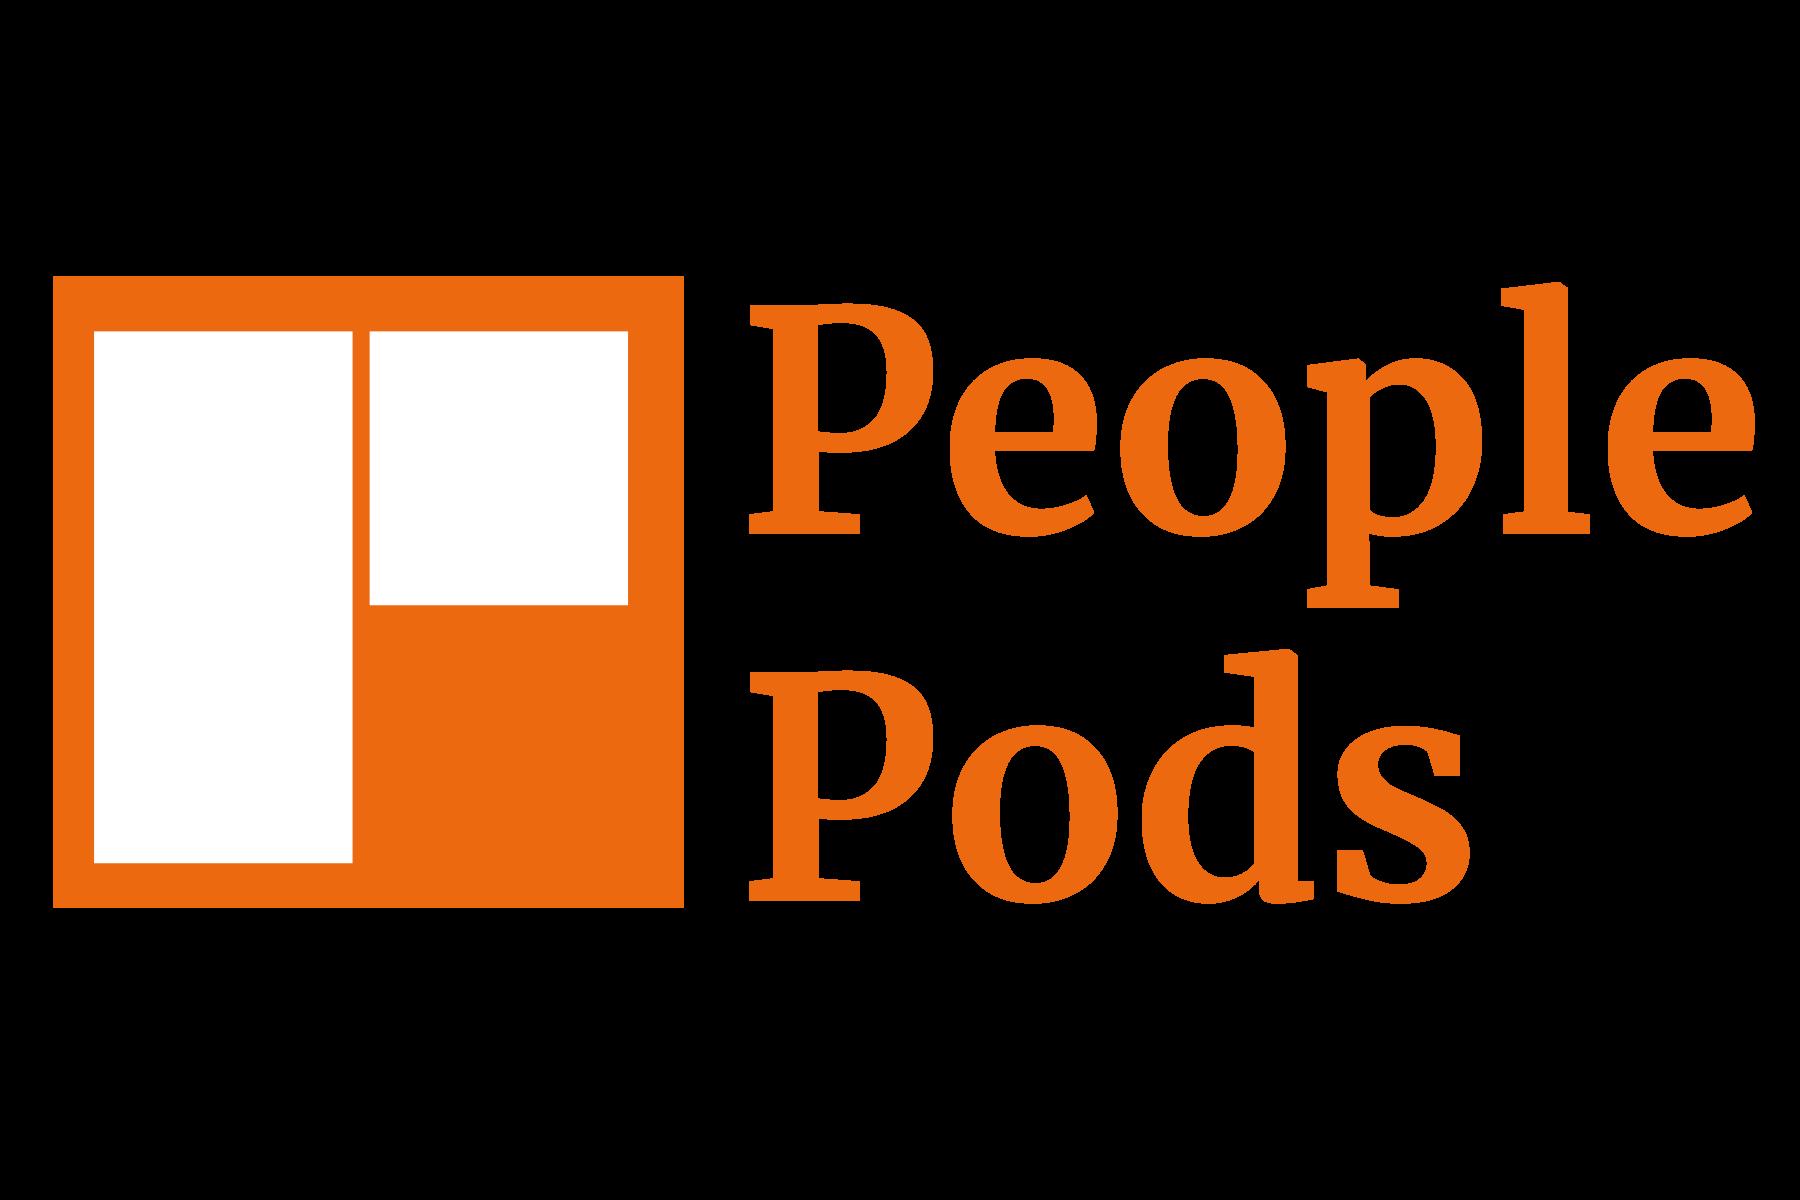 PeoplePods-Orange.png